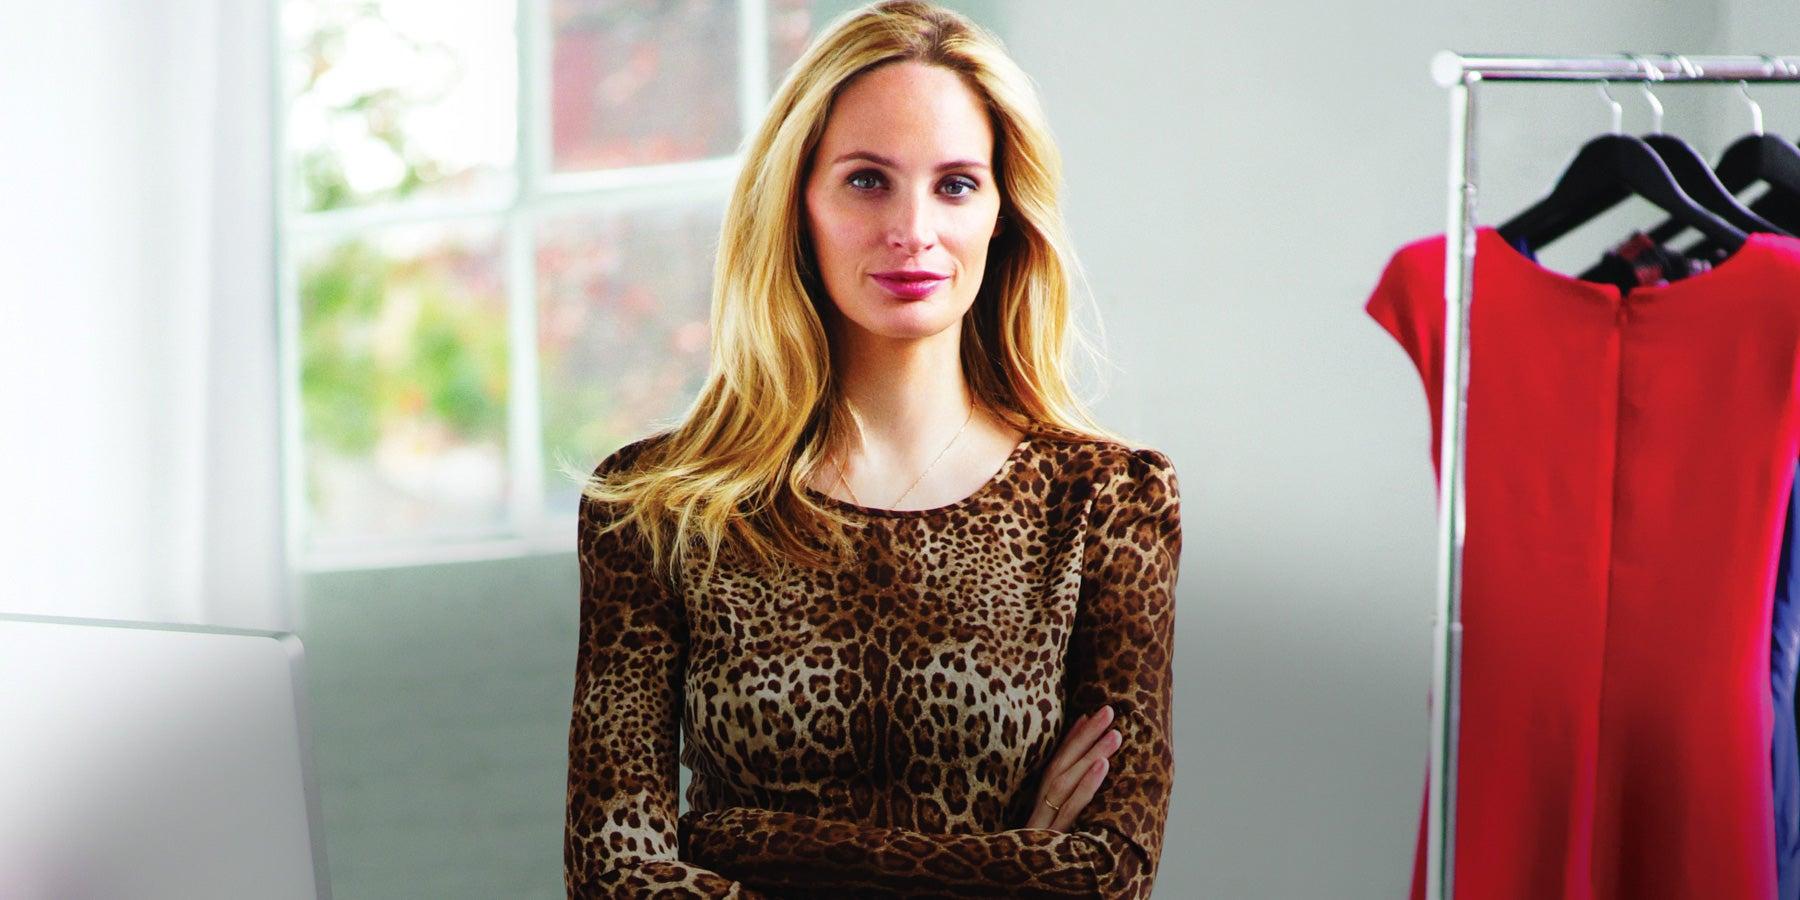 946f9408261f1 Lauren Santo Domingo: Moda Operandi and Re-Inventing Fashion Shopping